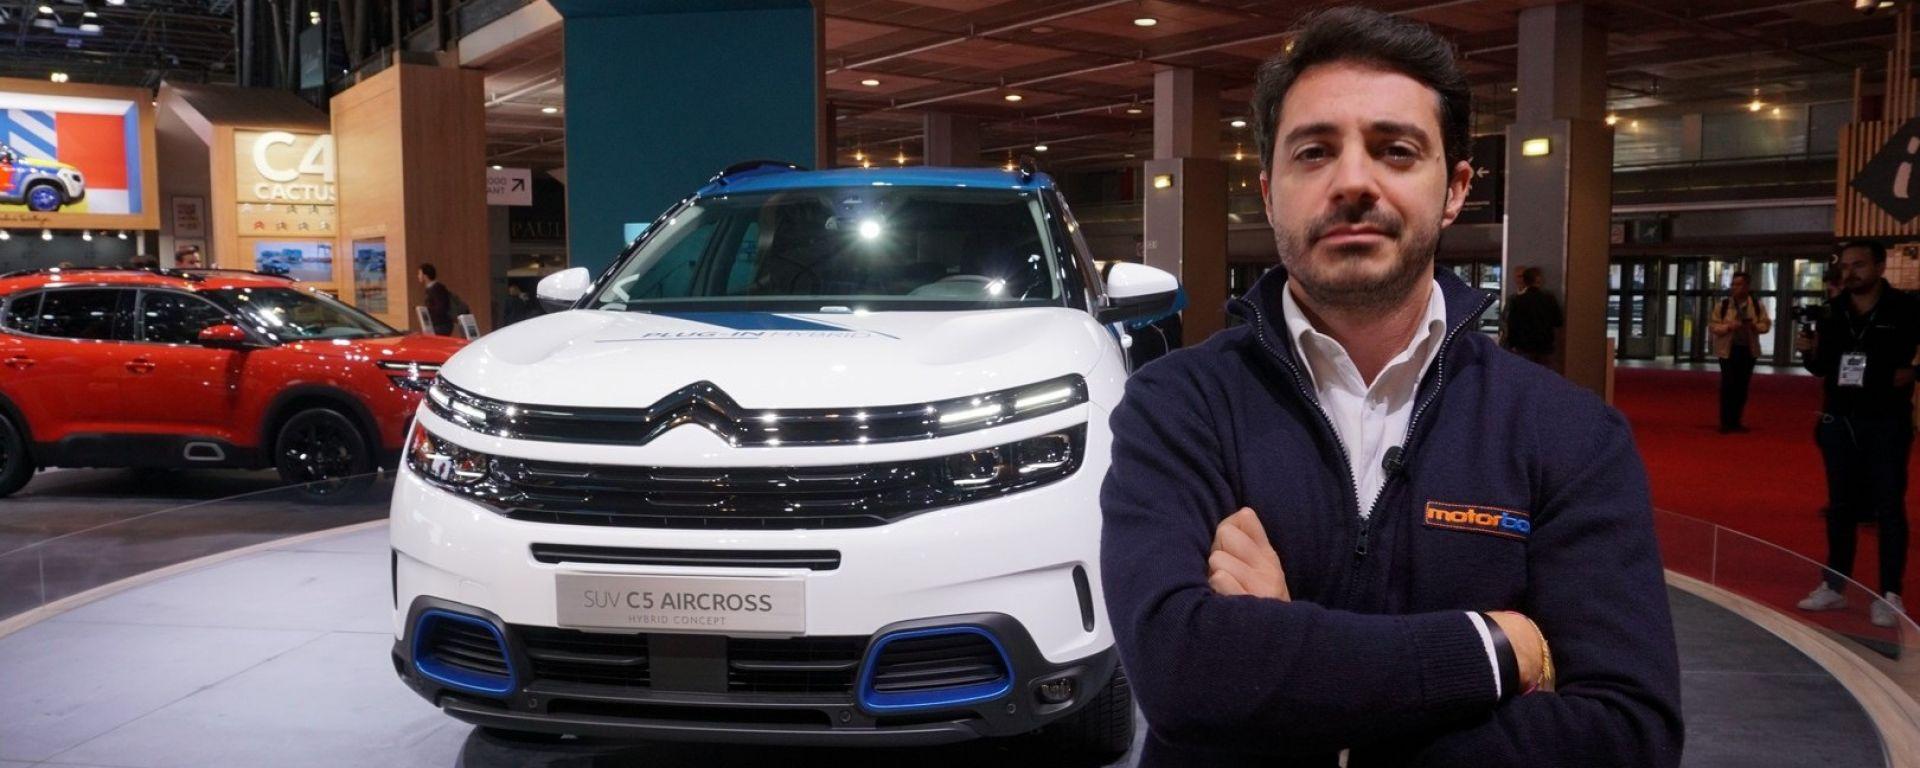 C5 Aircross Hybrid Concept: in video dal Salone di Parigi 2018